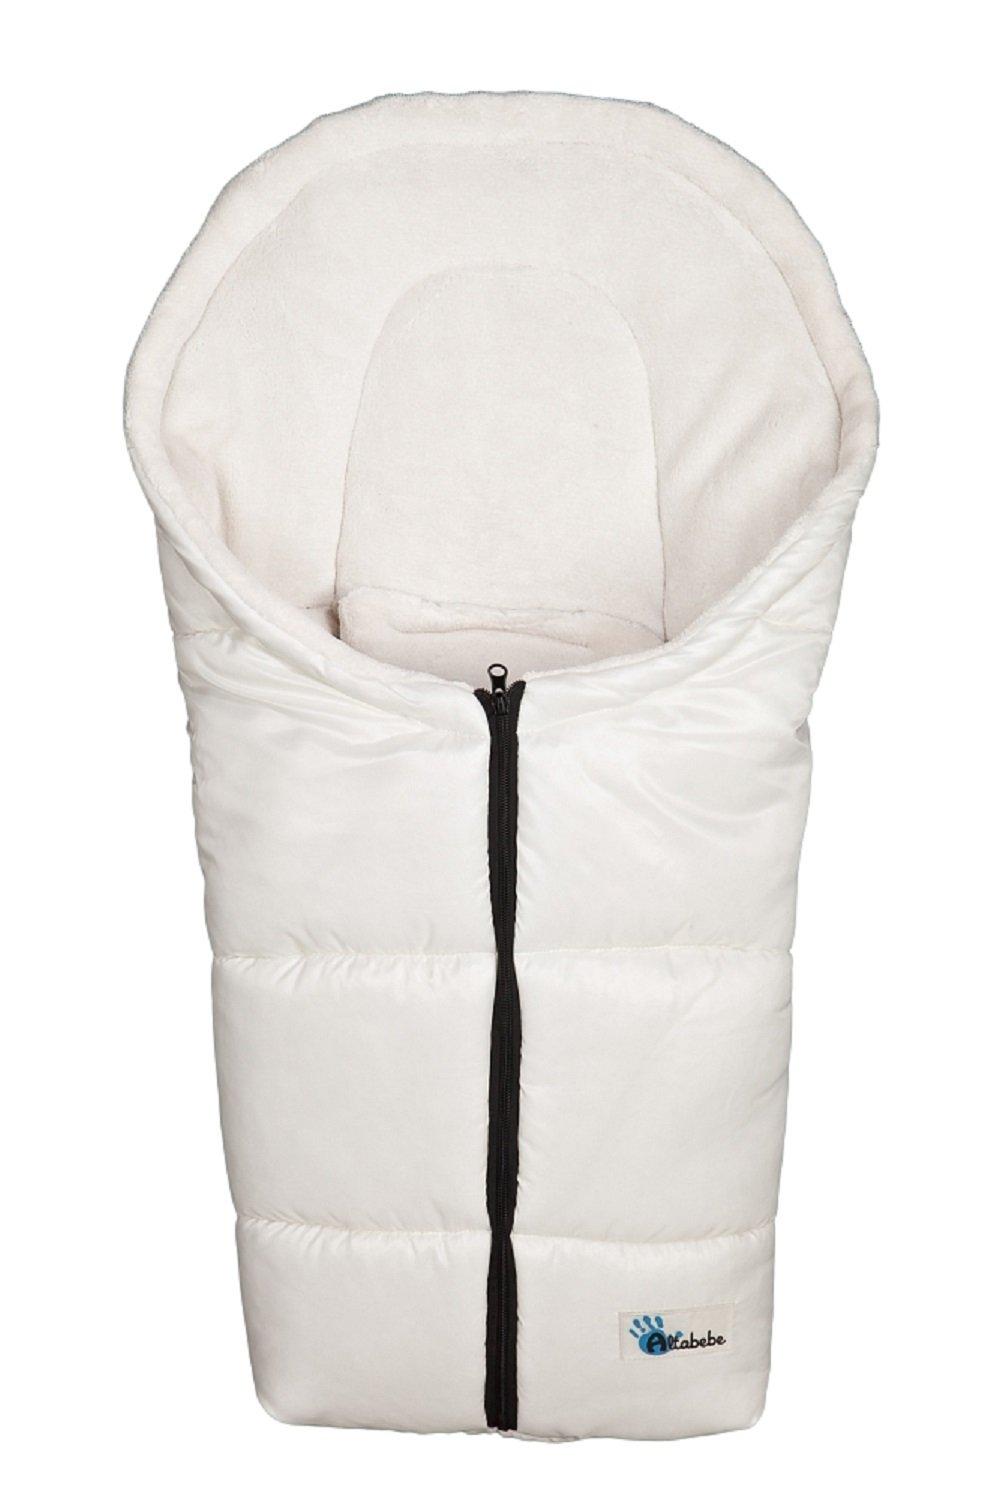 AltaBeBe, Sacco termico invernale per seggiolino da auto, Bianco (offwhite - whitewash)